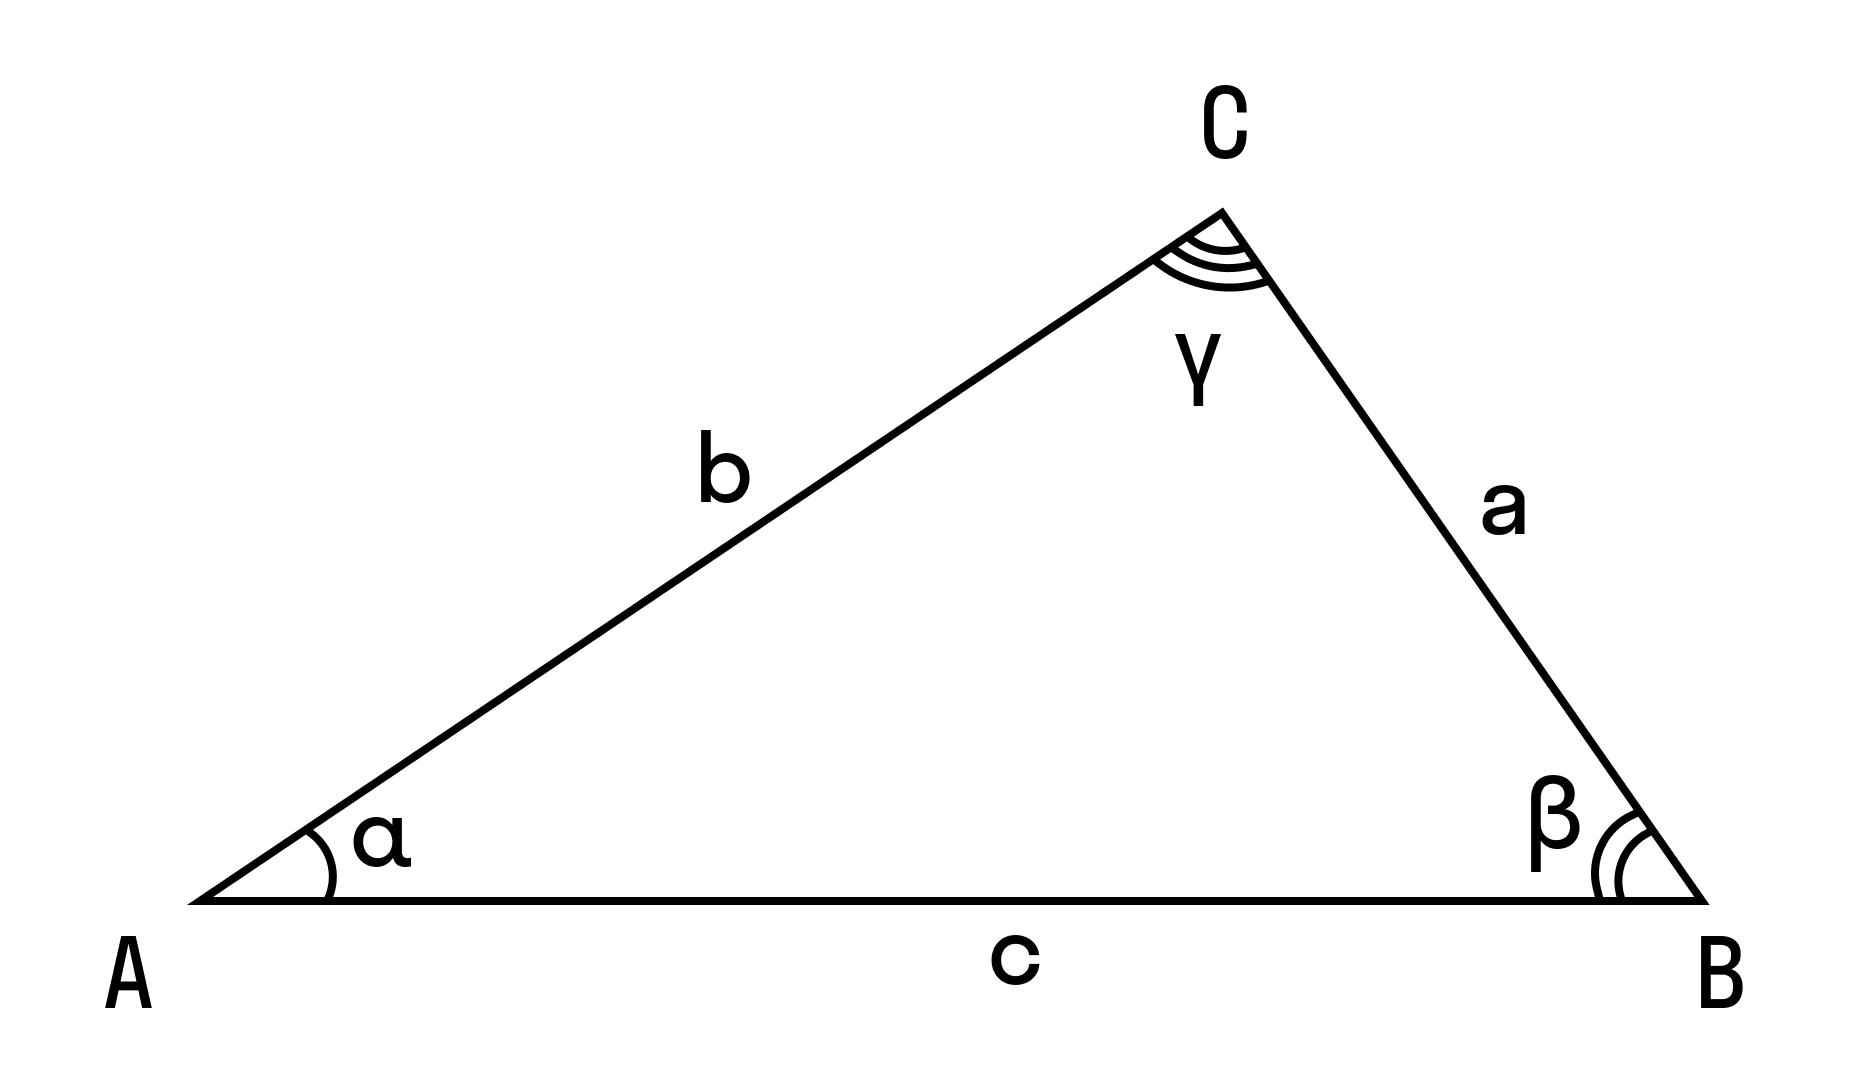 Формулировка теоремы для каждой из сторон треугольника